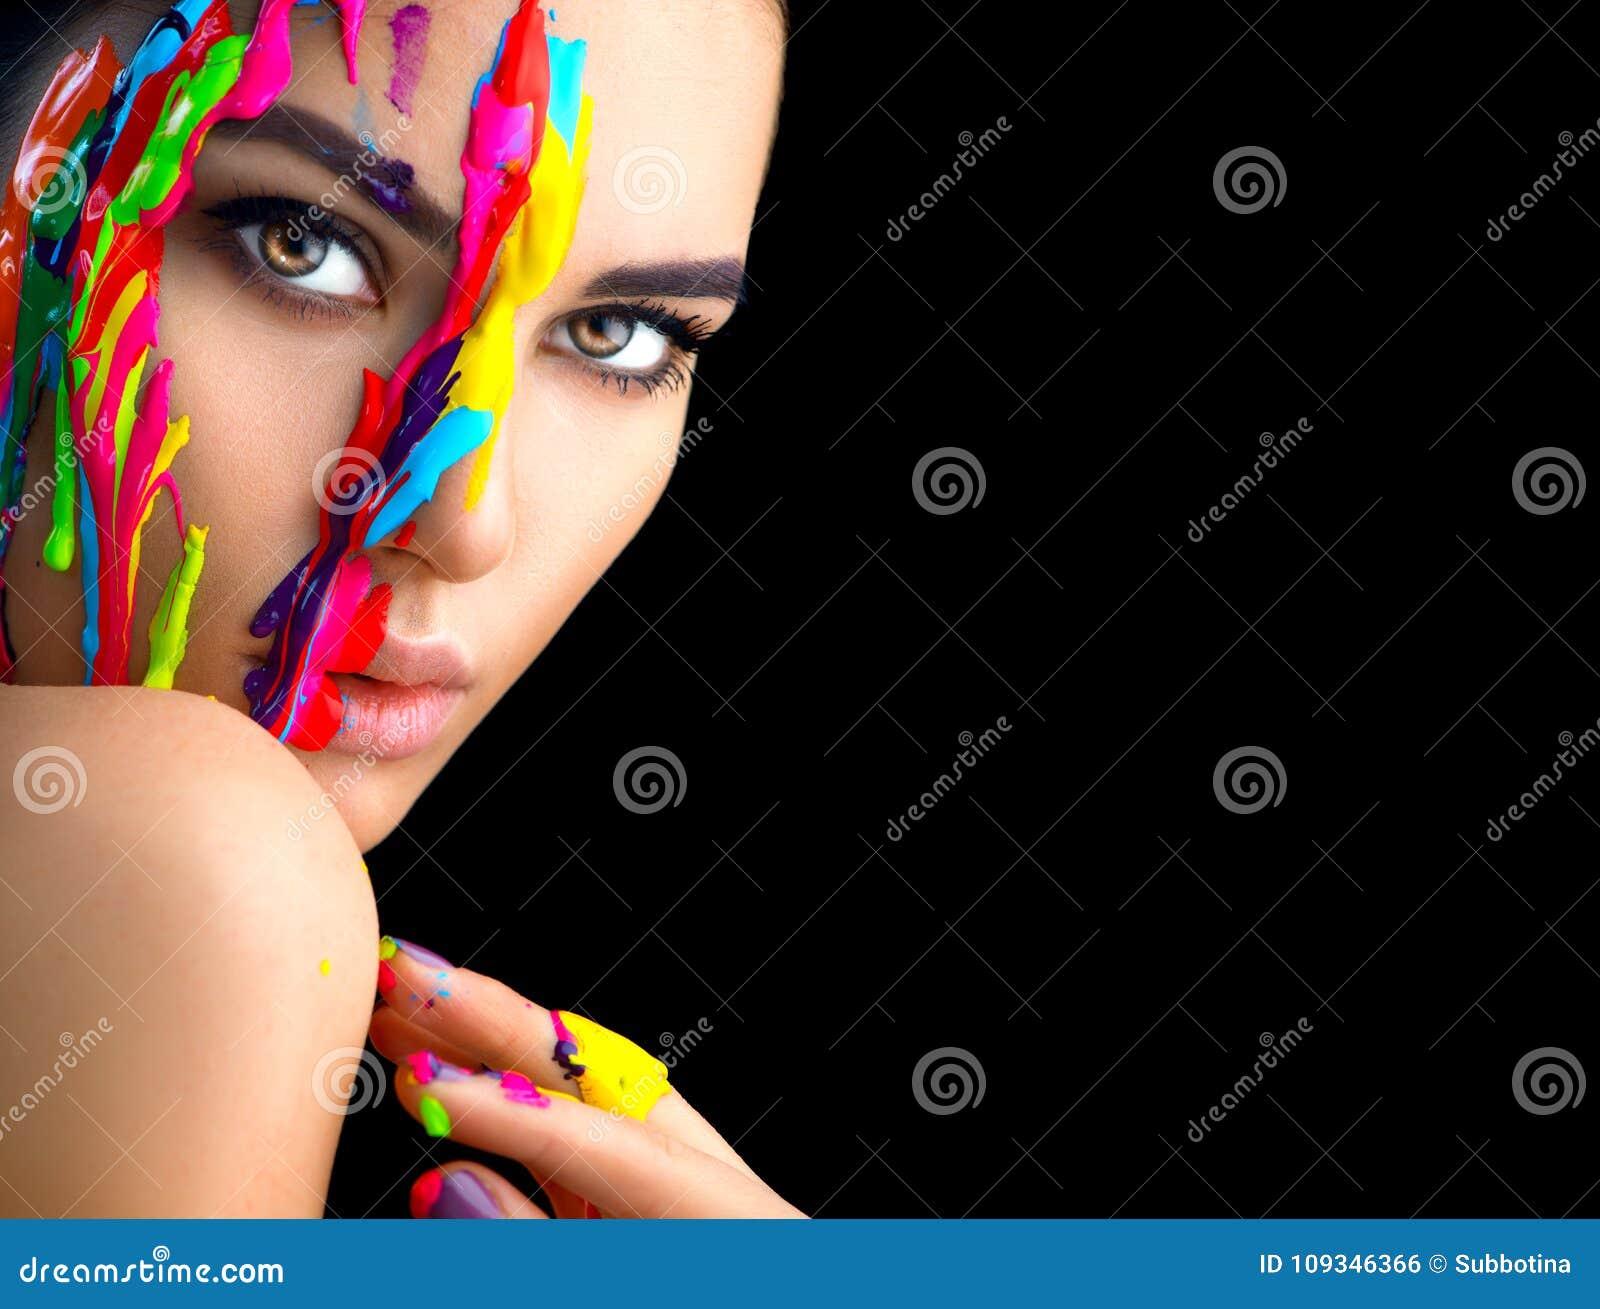 Schoonheids modelmeisje met kleurrijke verf op haar gezicht Portret van mooie vrouw met stromende vloeistofverf